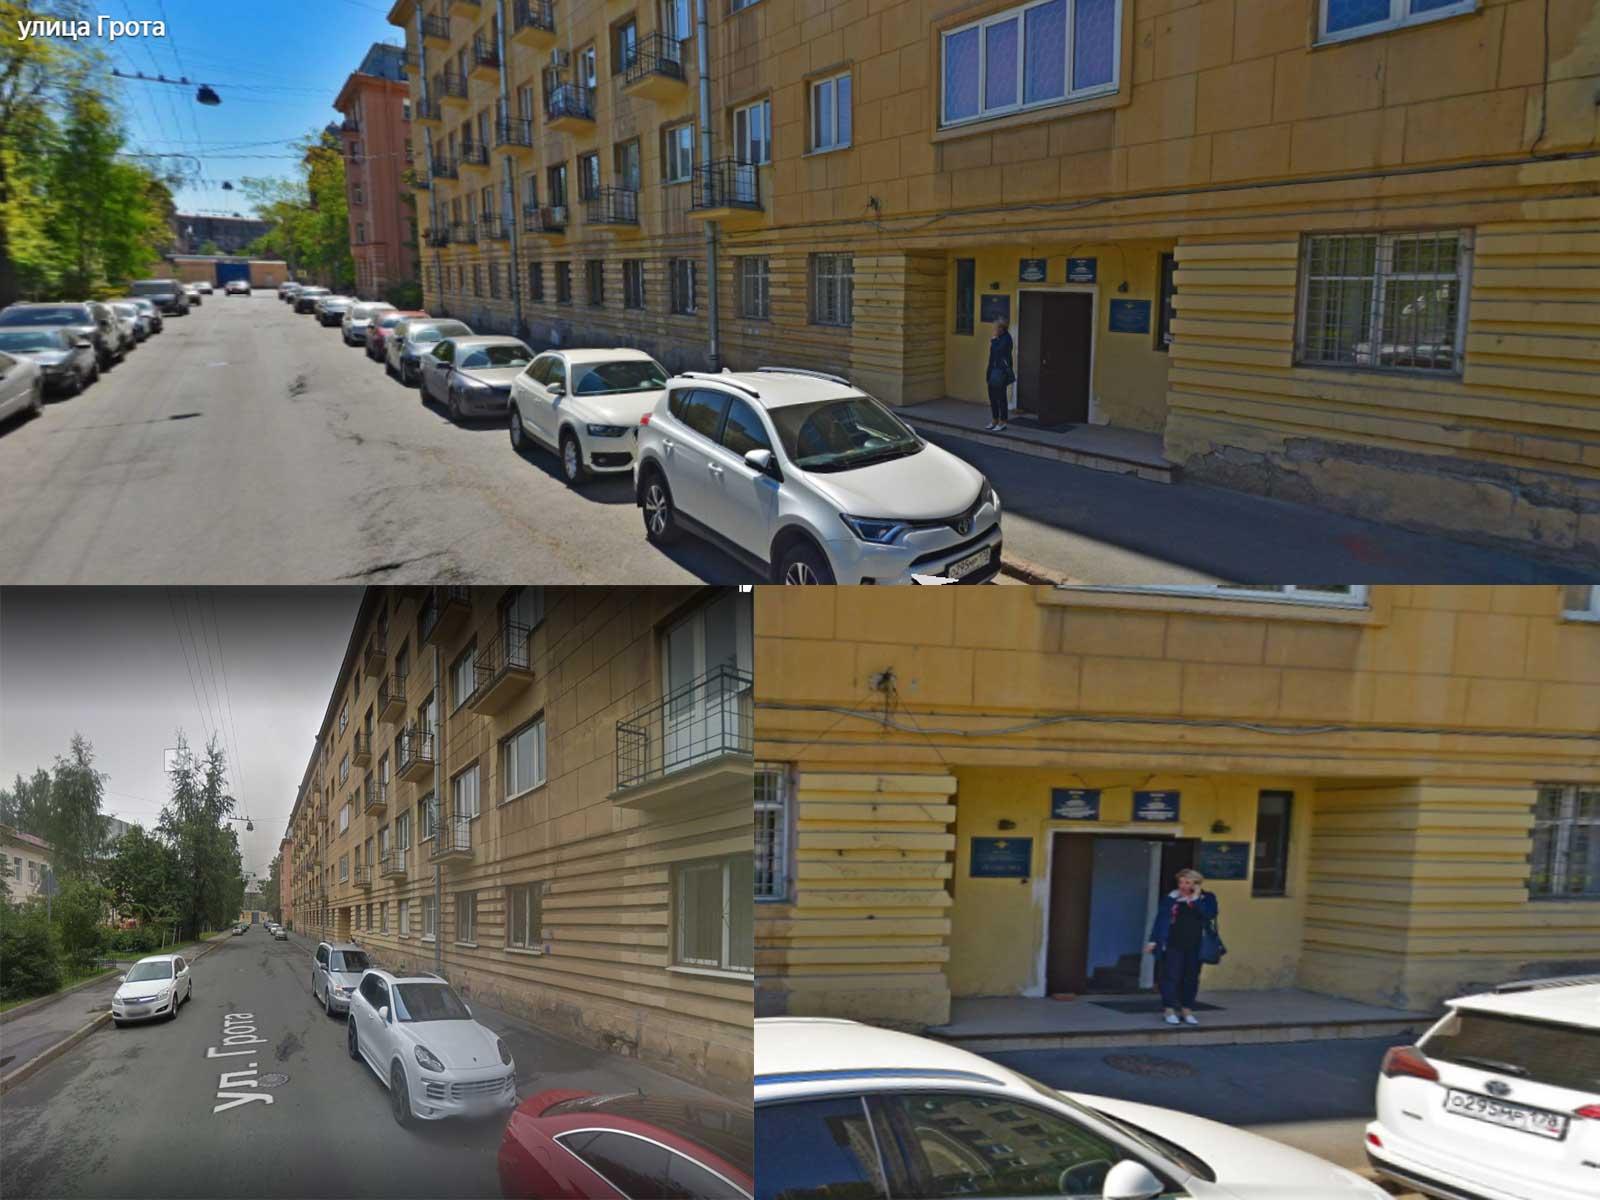 Вид на здание УФМС по Петроградскому району, Санкт-Петербург